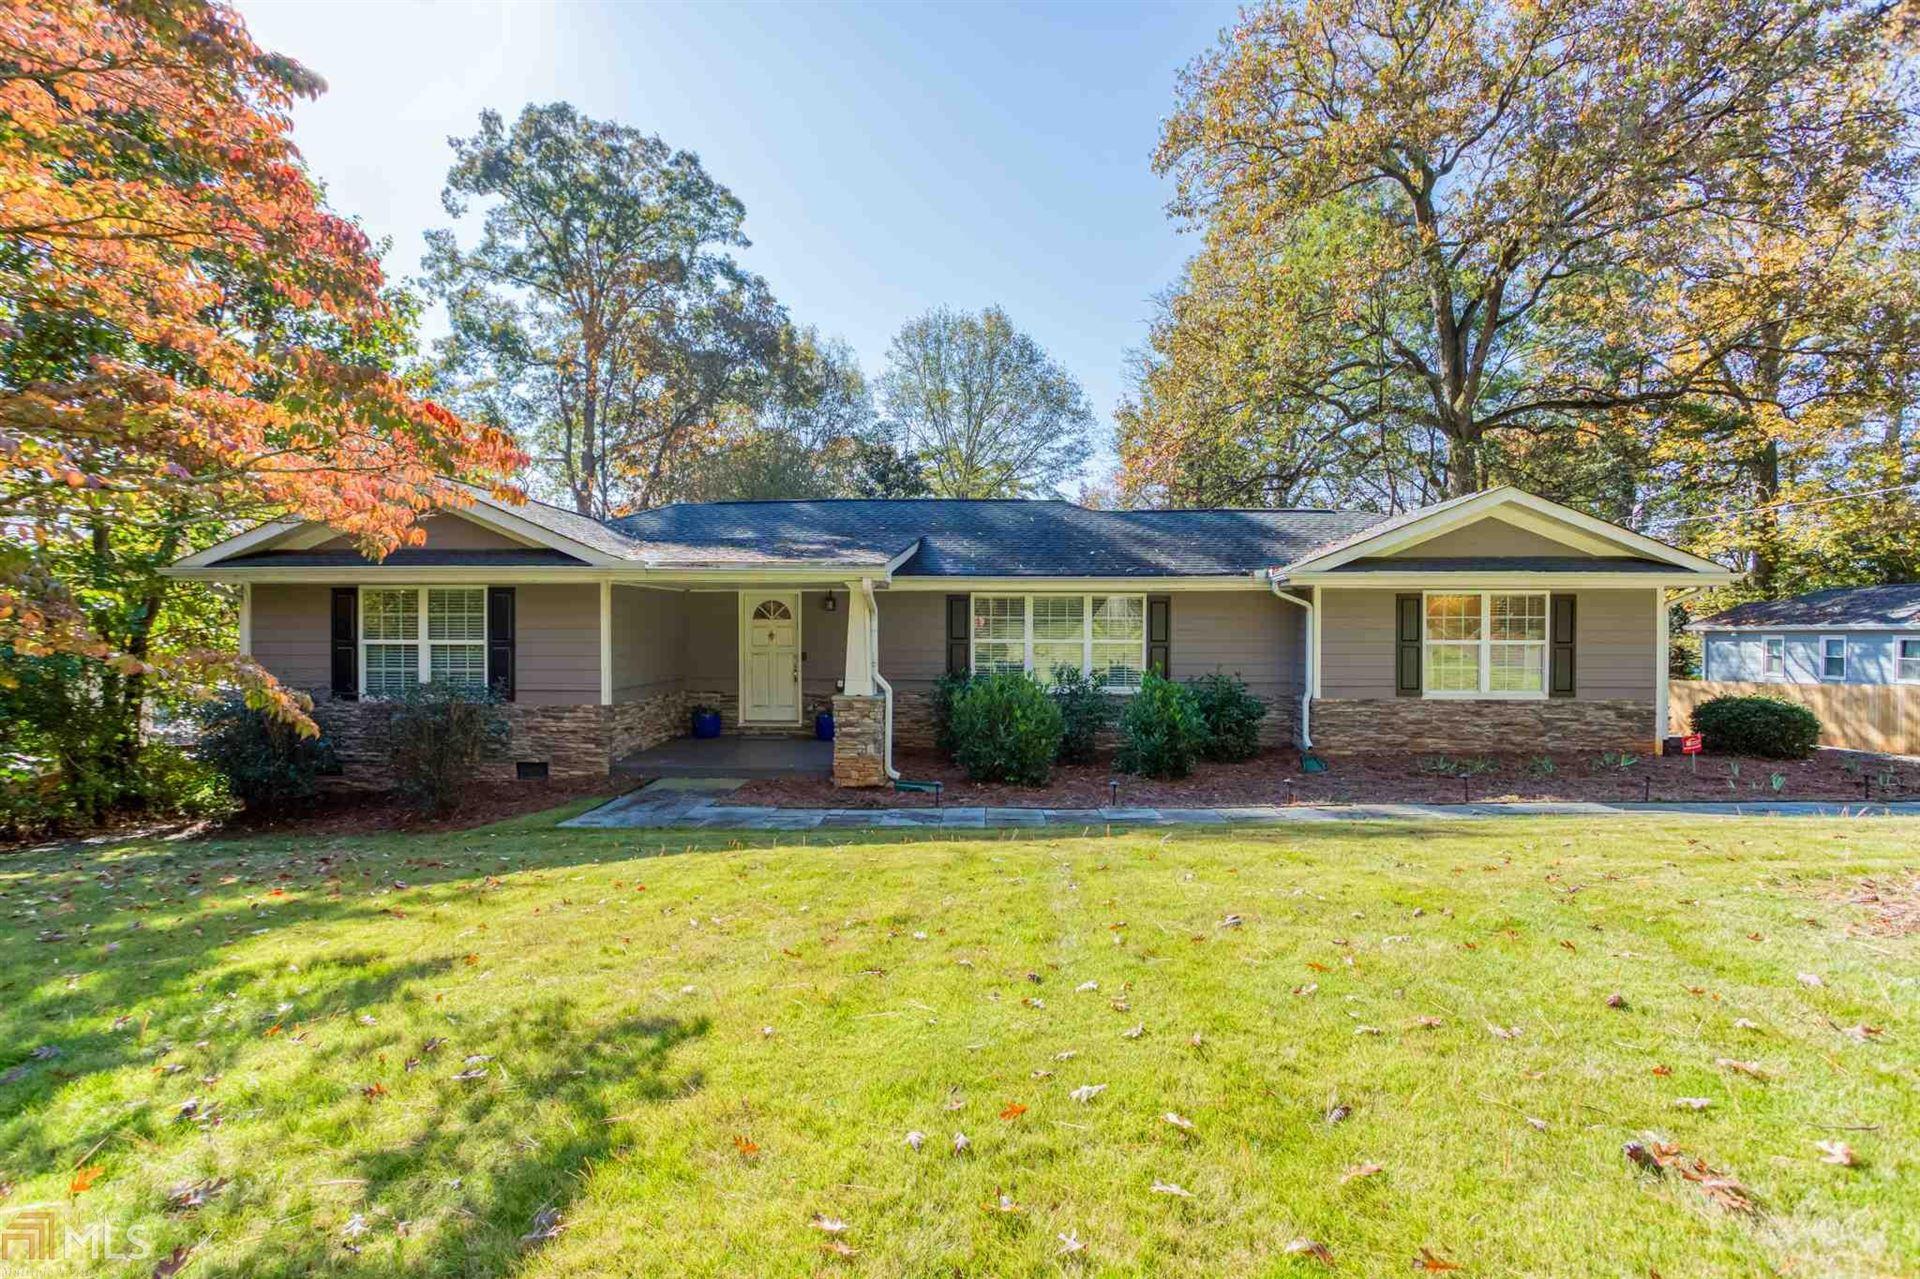 2053 Sylvania Dr, Decatur, GA 30033 - MLS#: 8890680